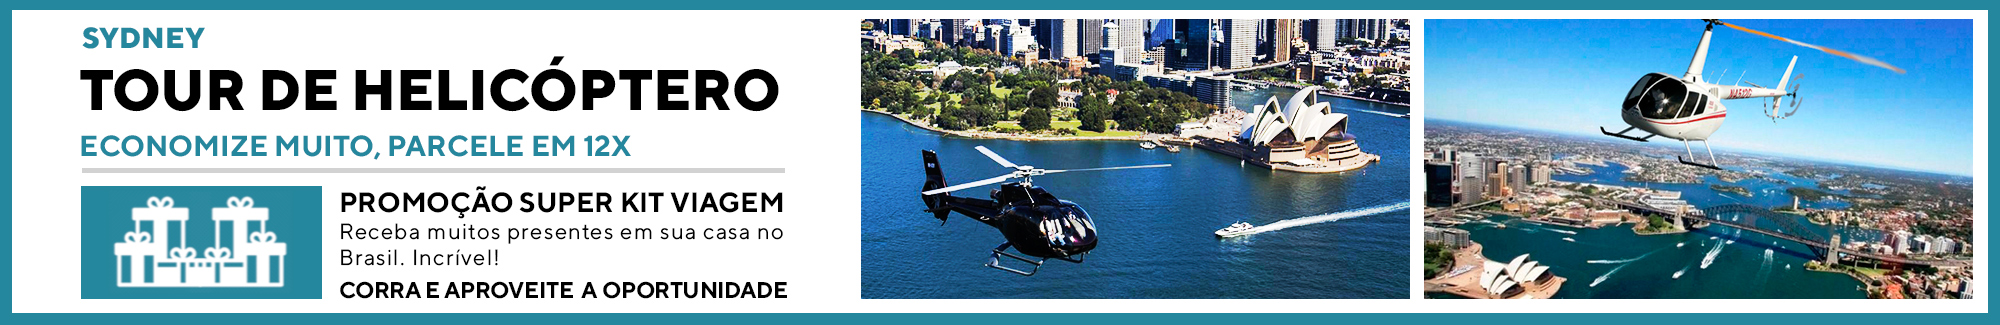 sydney helicoptero